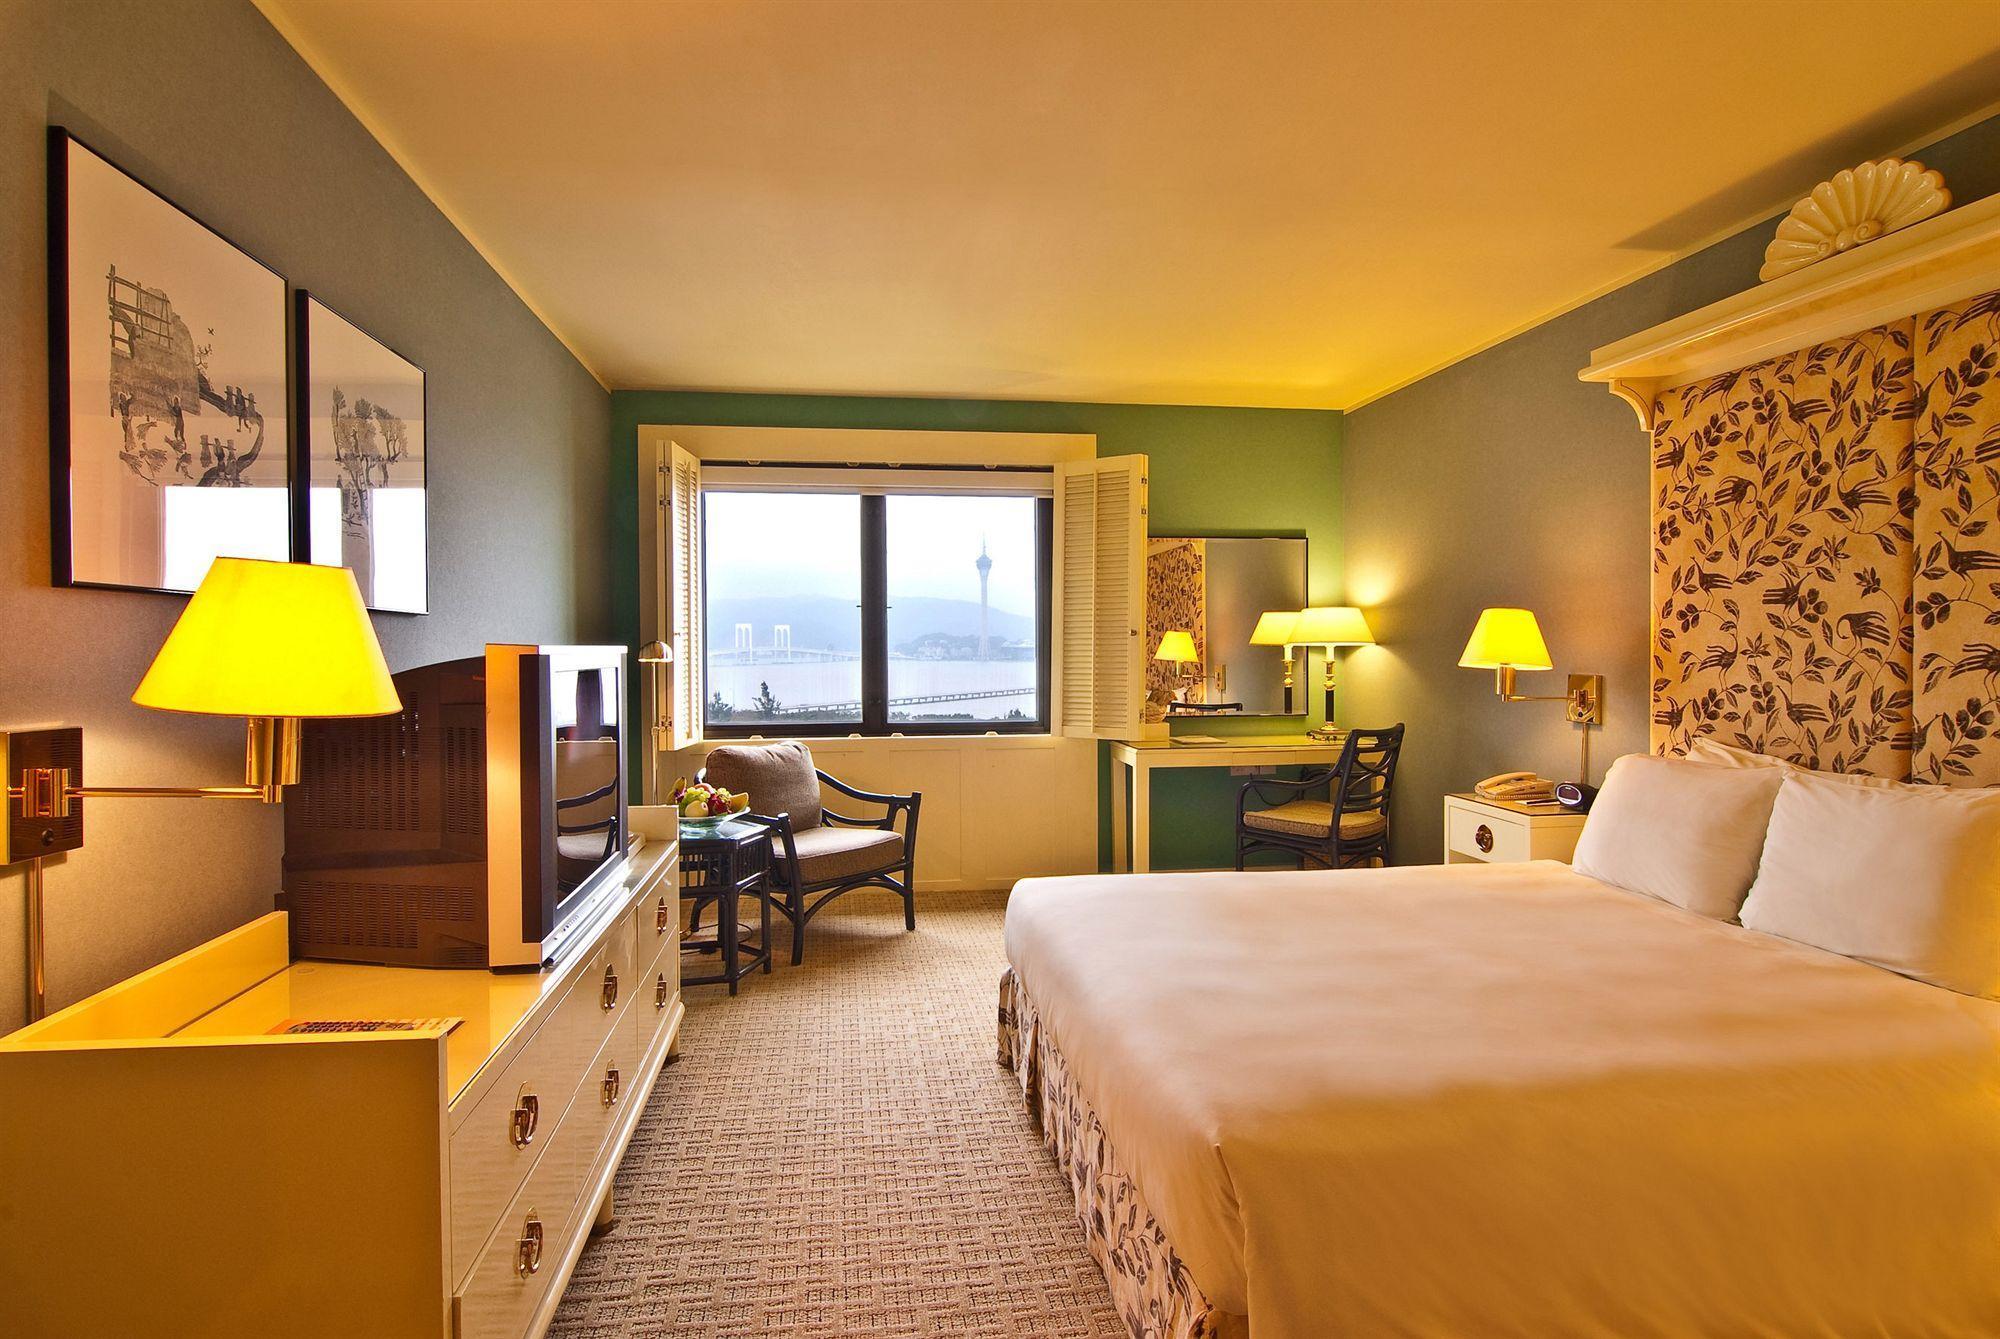 Regency Art Hotel (ex Regency Hotel Macau), Nossa Senhora do Carmo